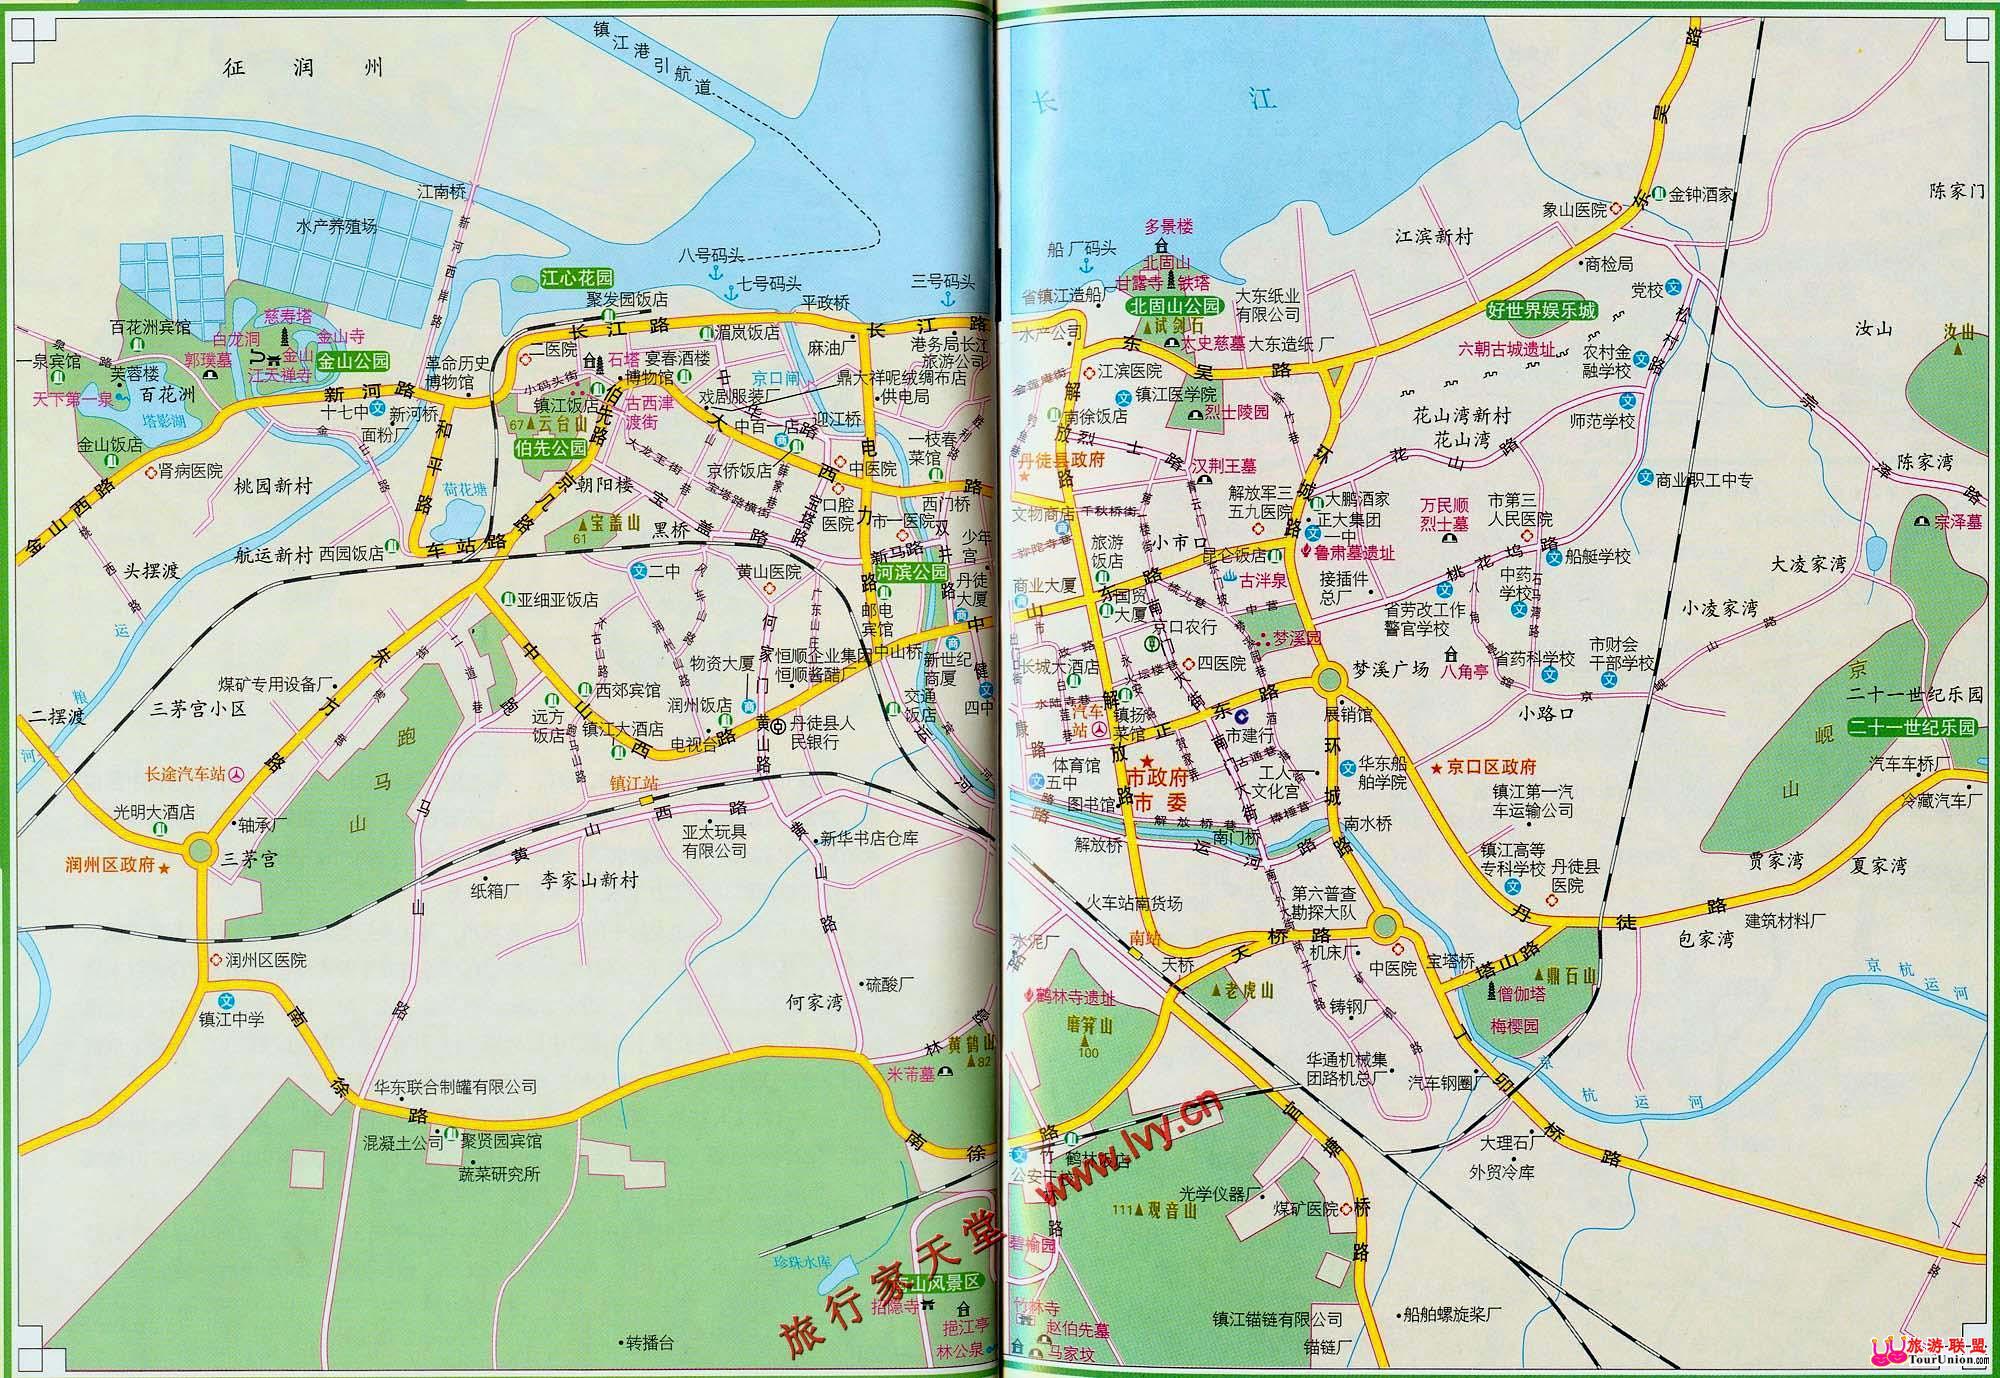 图行本地:··镇江电子地图·图